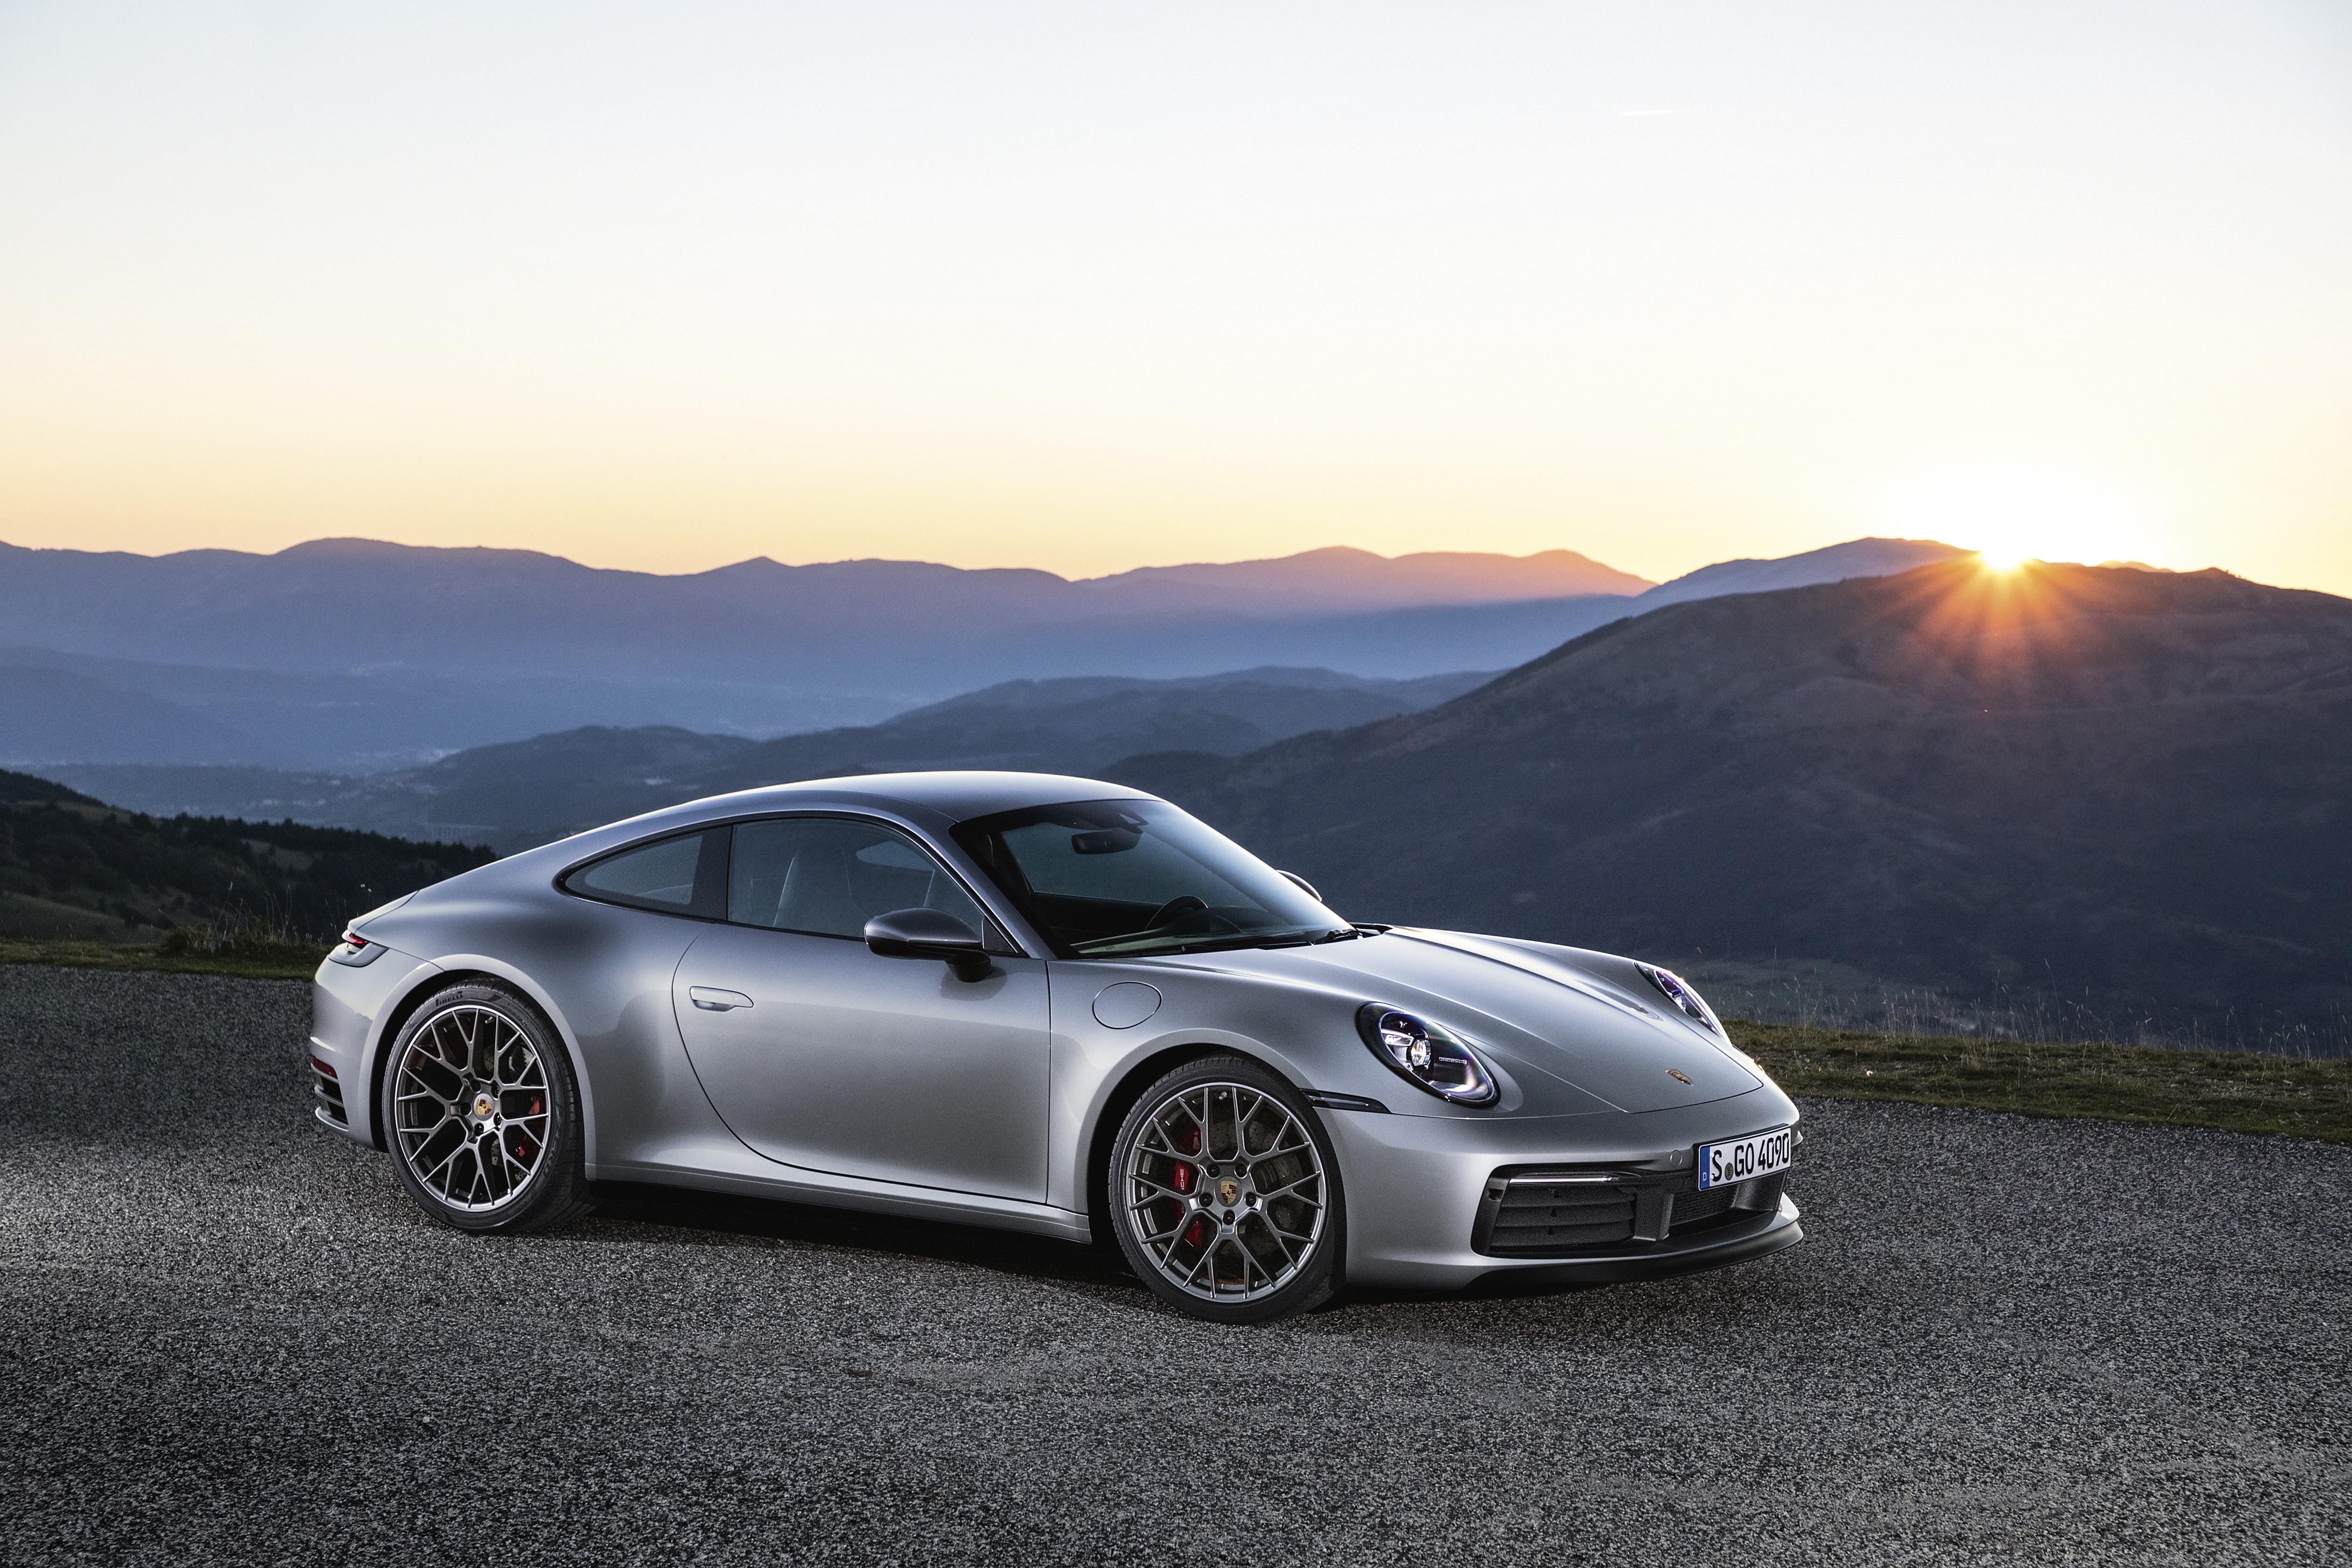 Porsche 911 in video